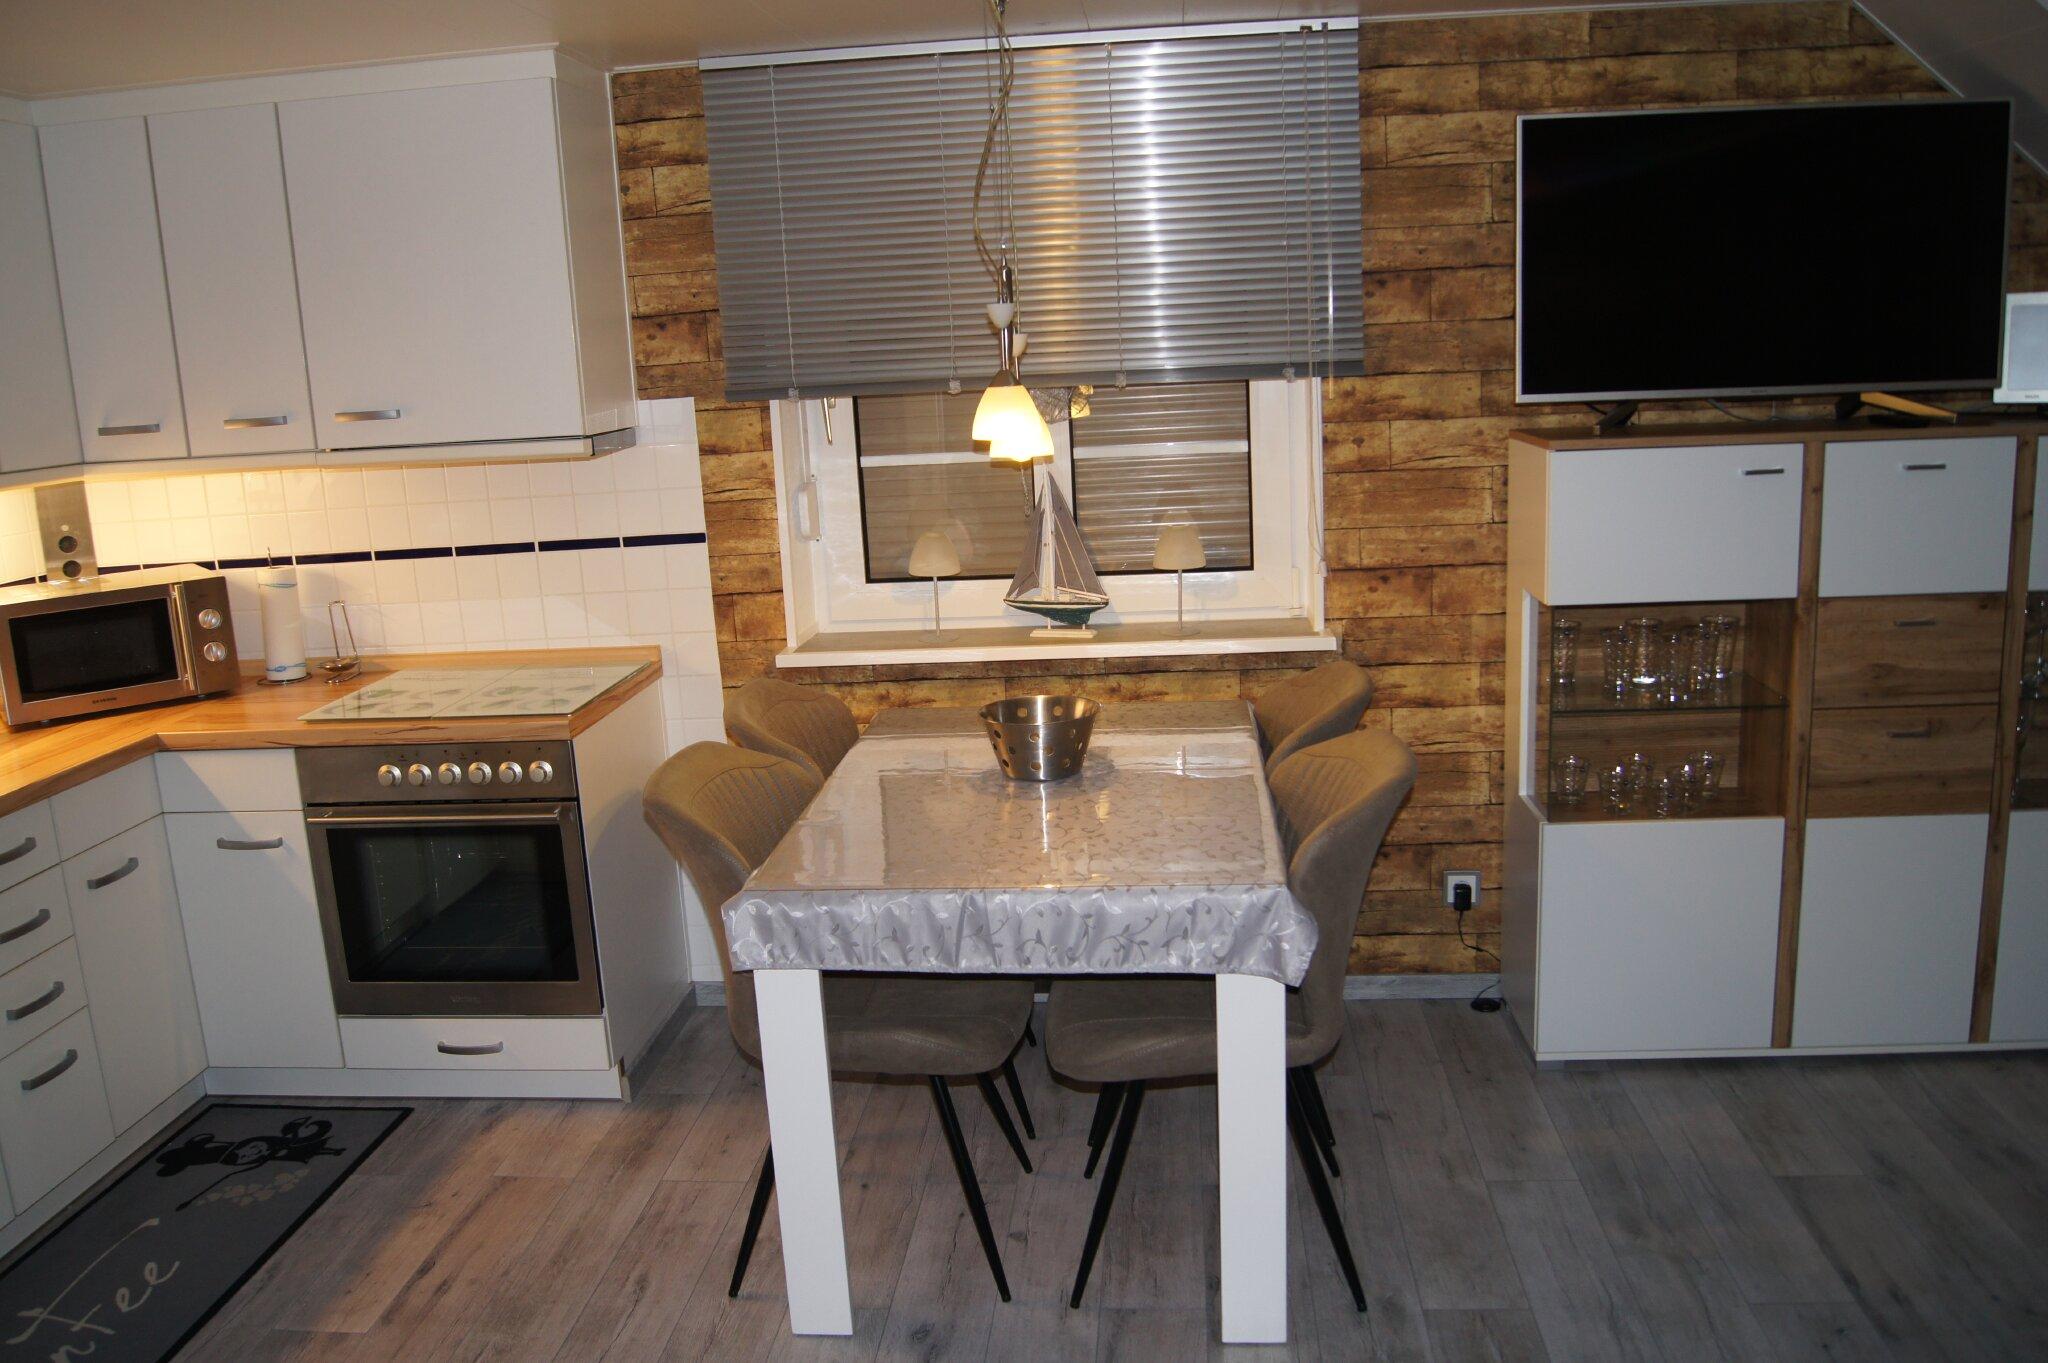 Wohnzimmergarnitur mit Fernsehsessel